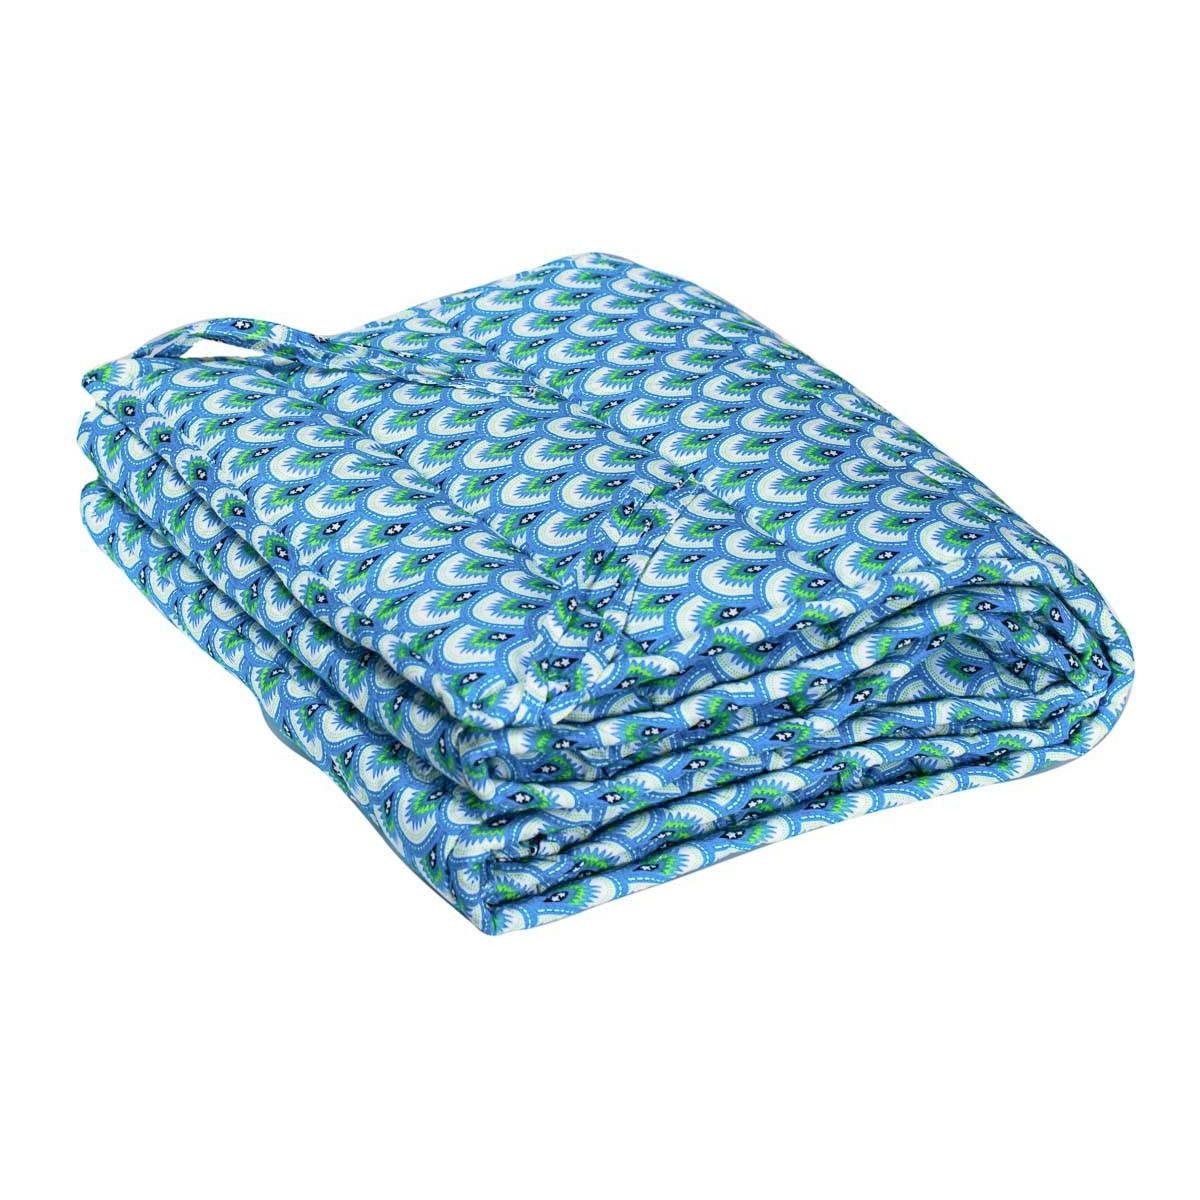 Tour de lit à barreaux bébé tissu créateur bleu